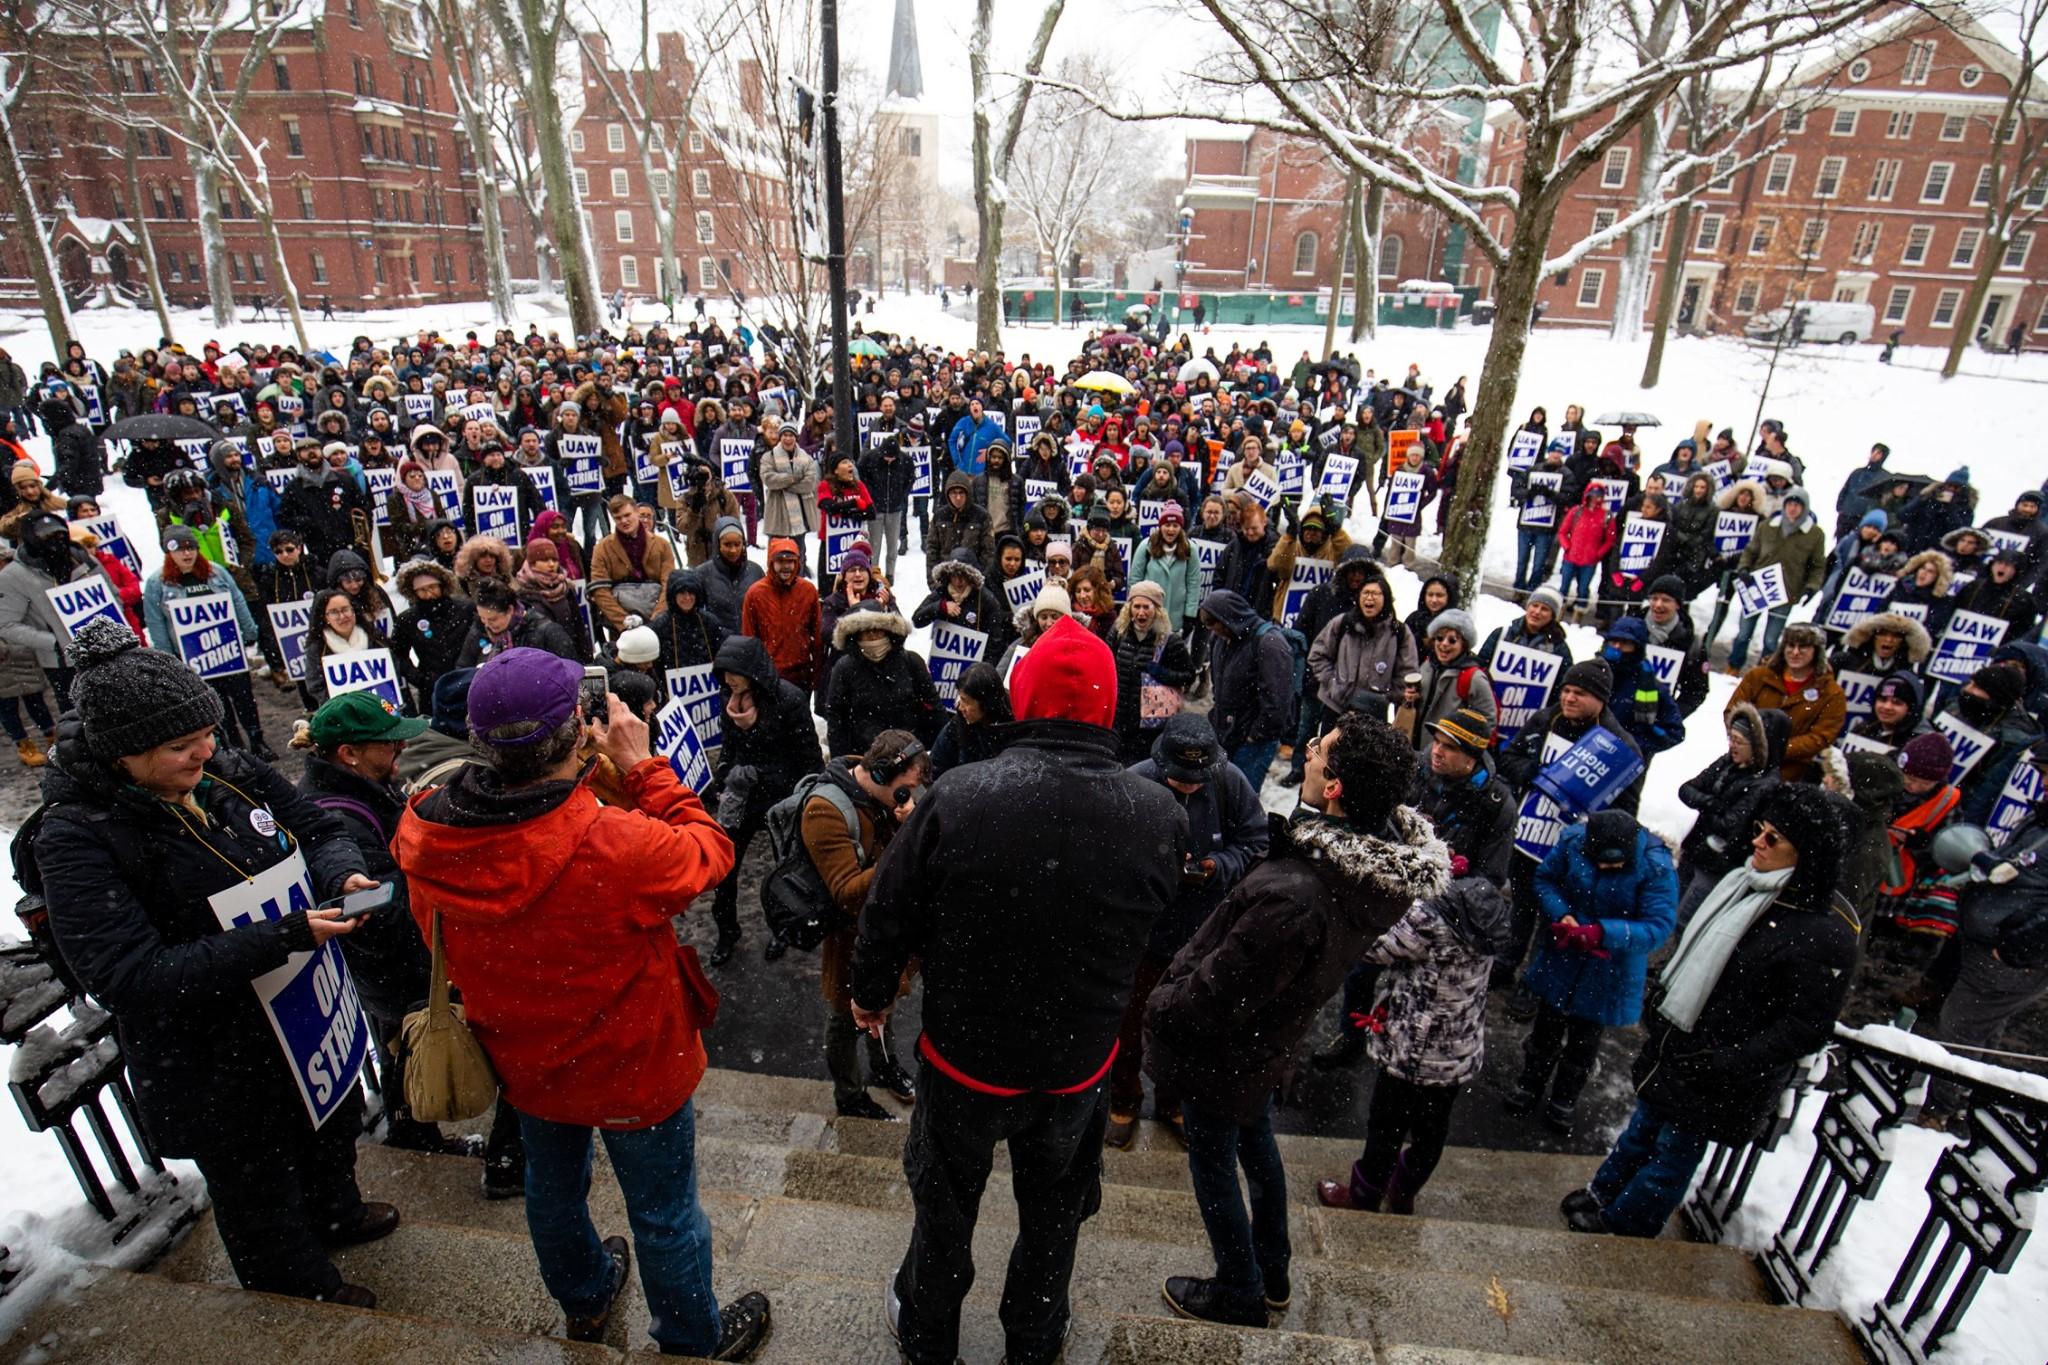 Harvard Graduate Students Union